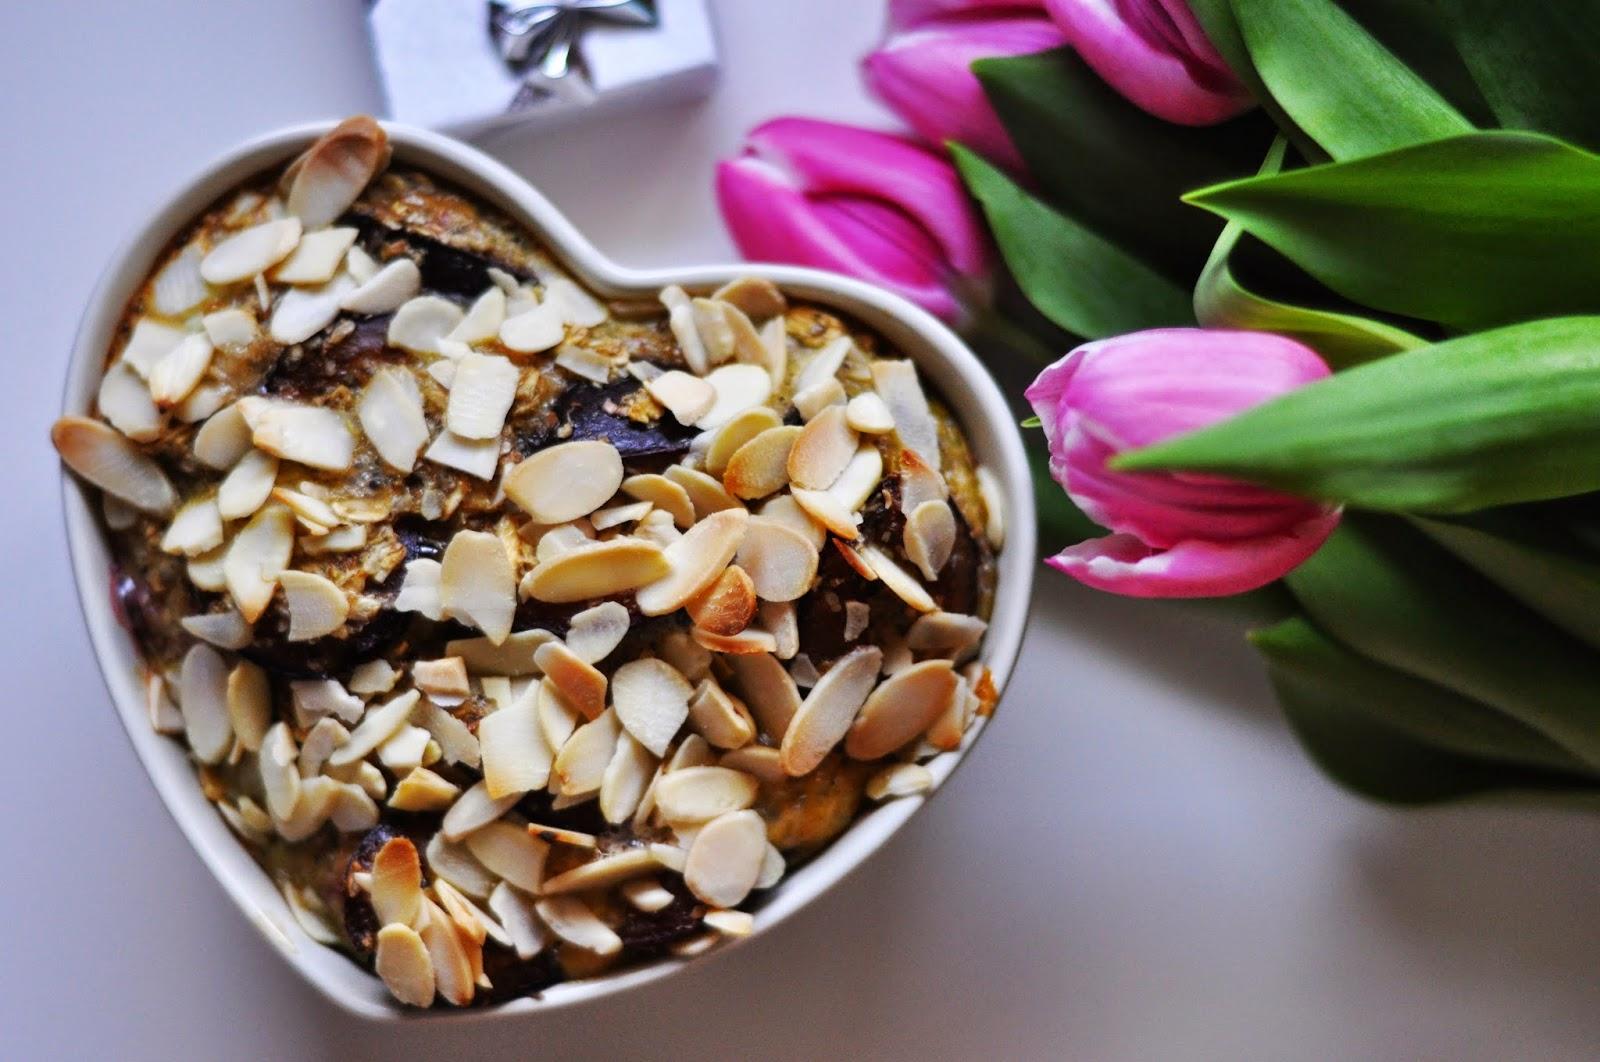 Pieczona owsianka ze śliwkami i płatkami migdałowymi - śniadanie kwietnia!